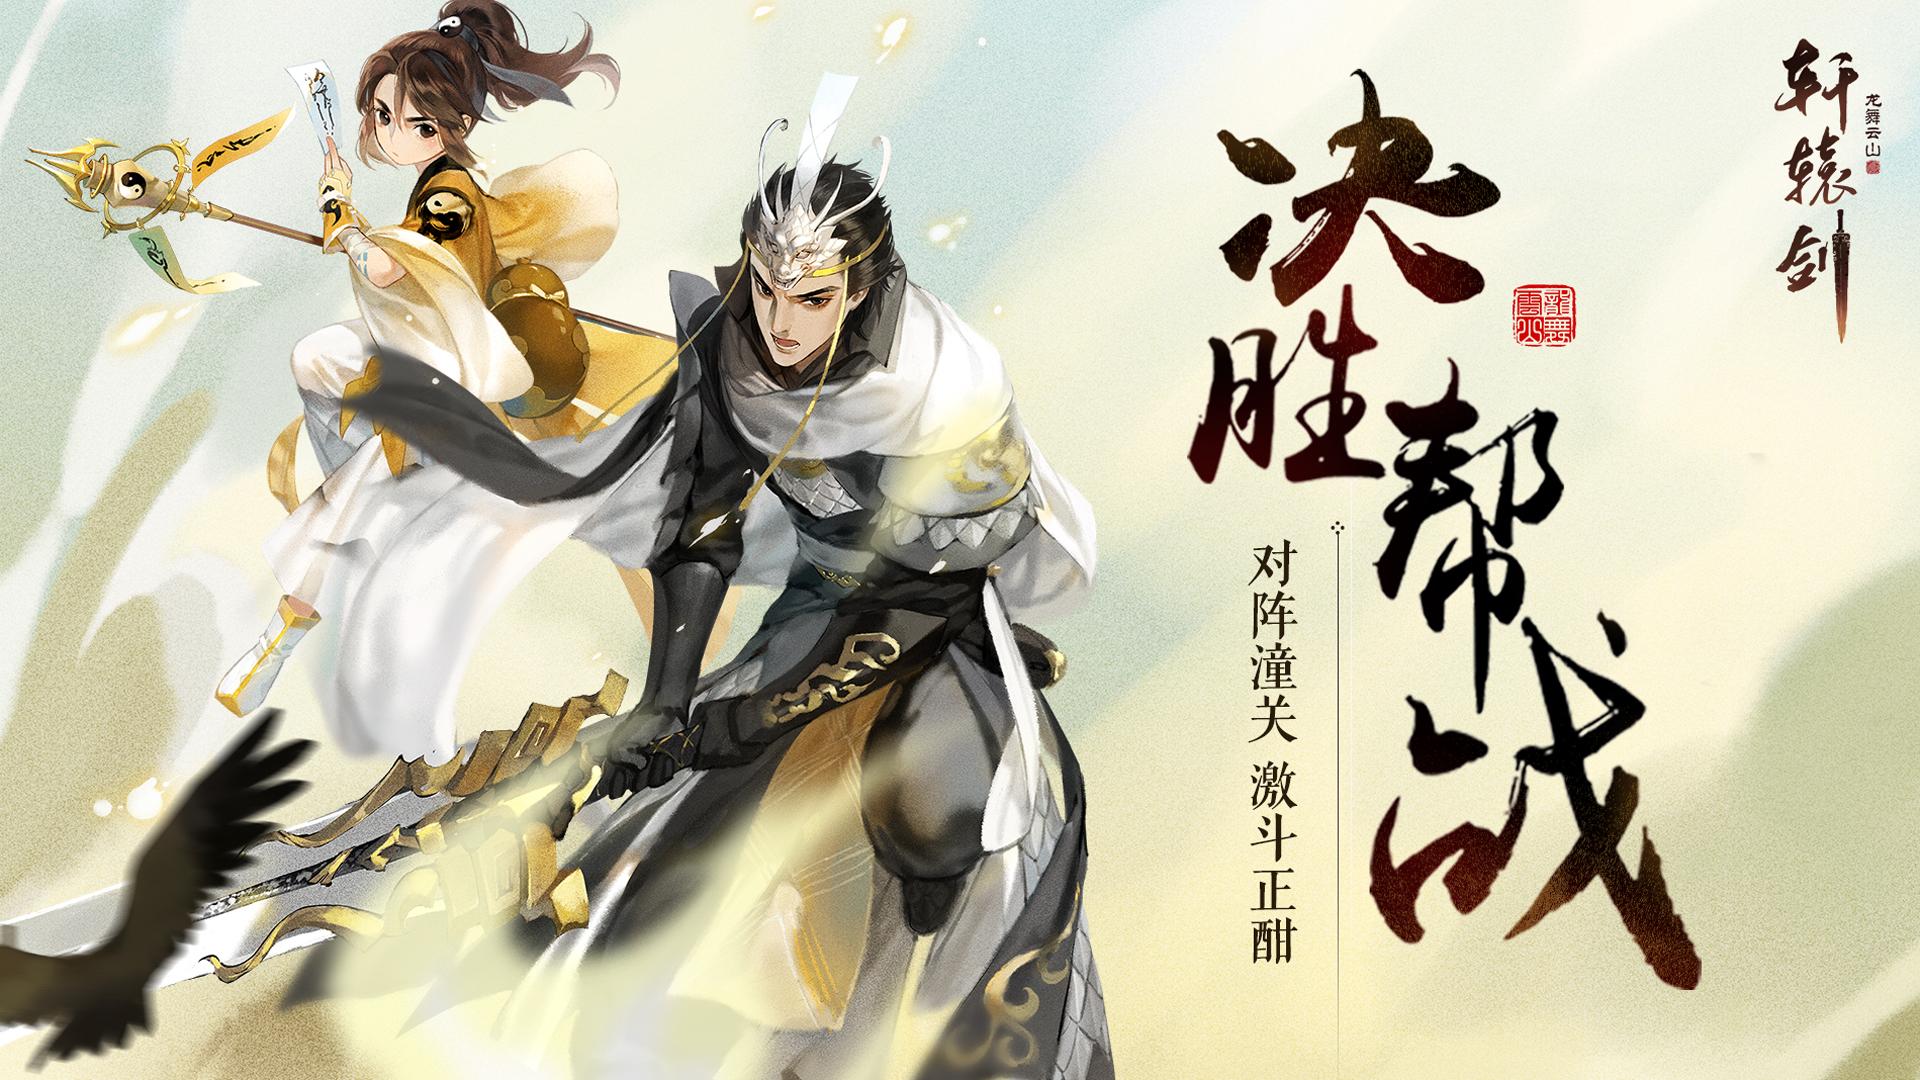 《轩辕剑龙舞云山》对阵潼关,激斗正酣!帮战活动燃情开启